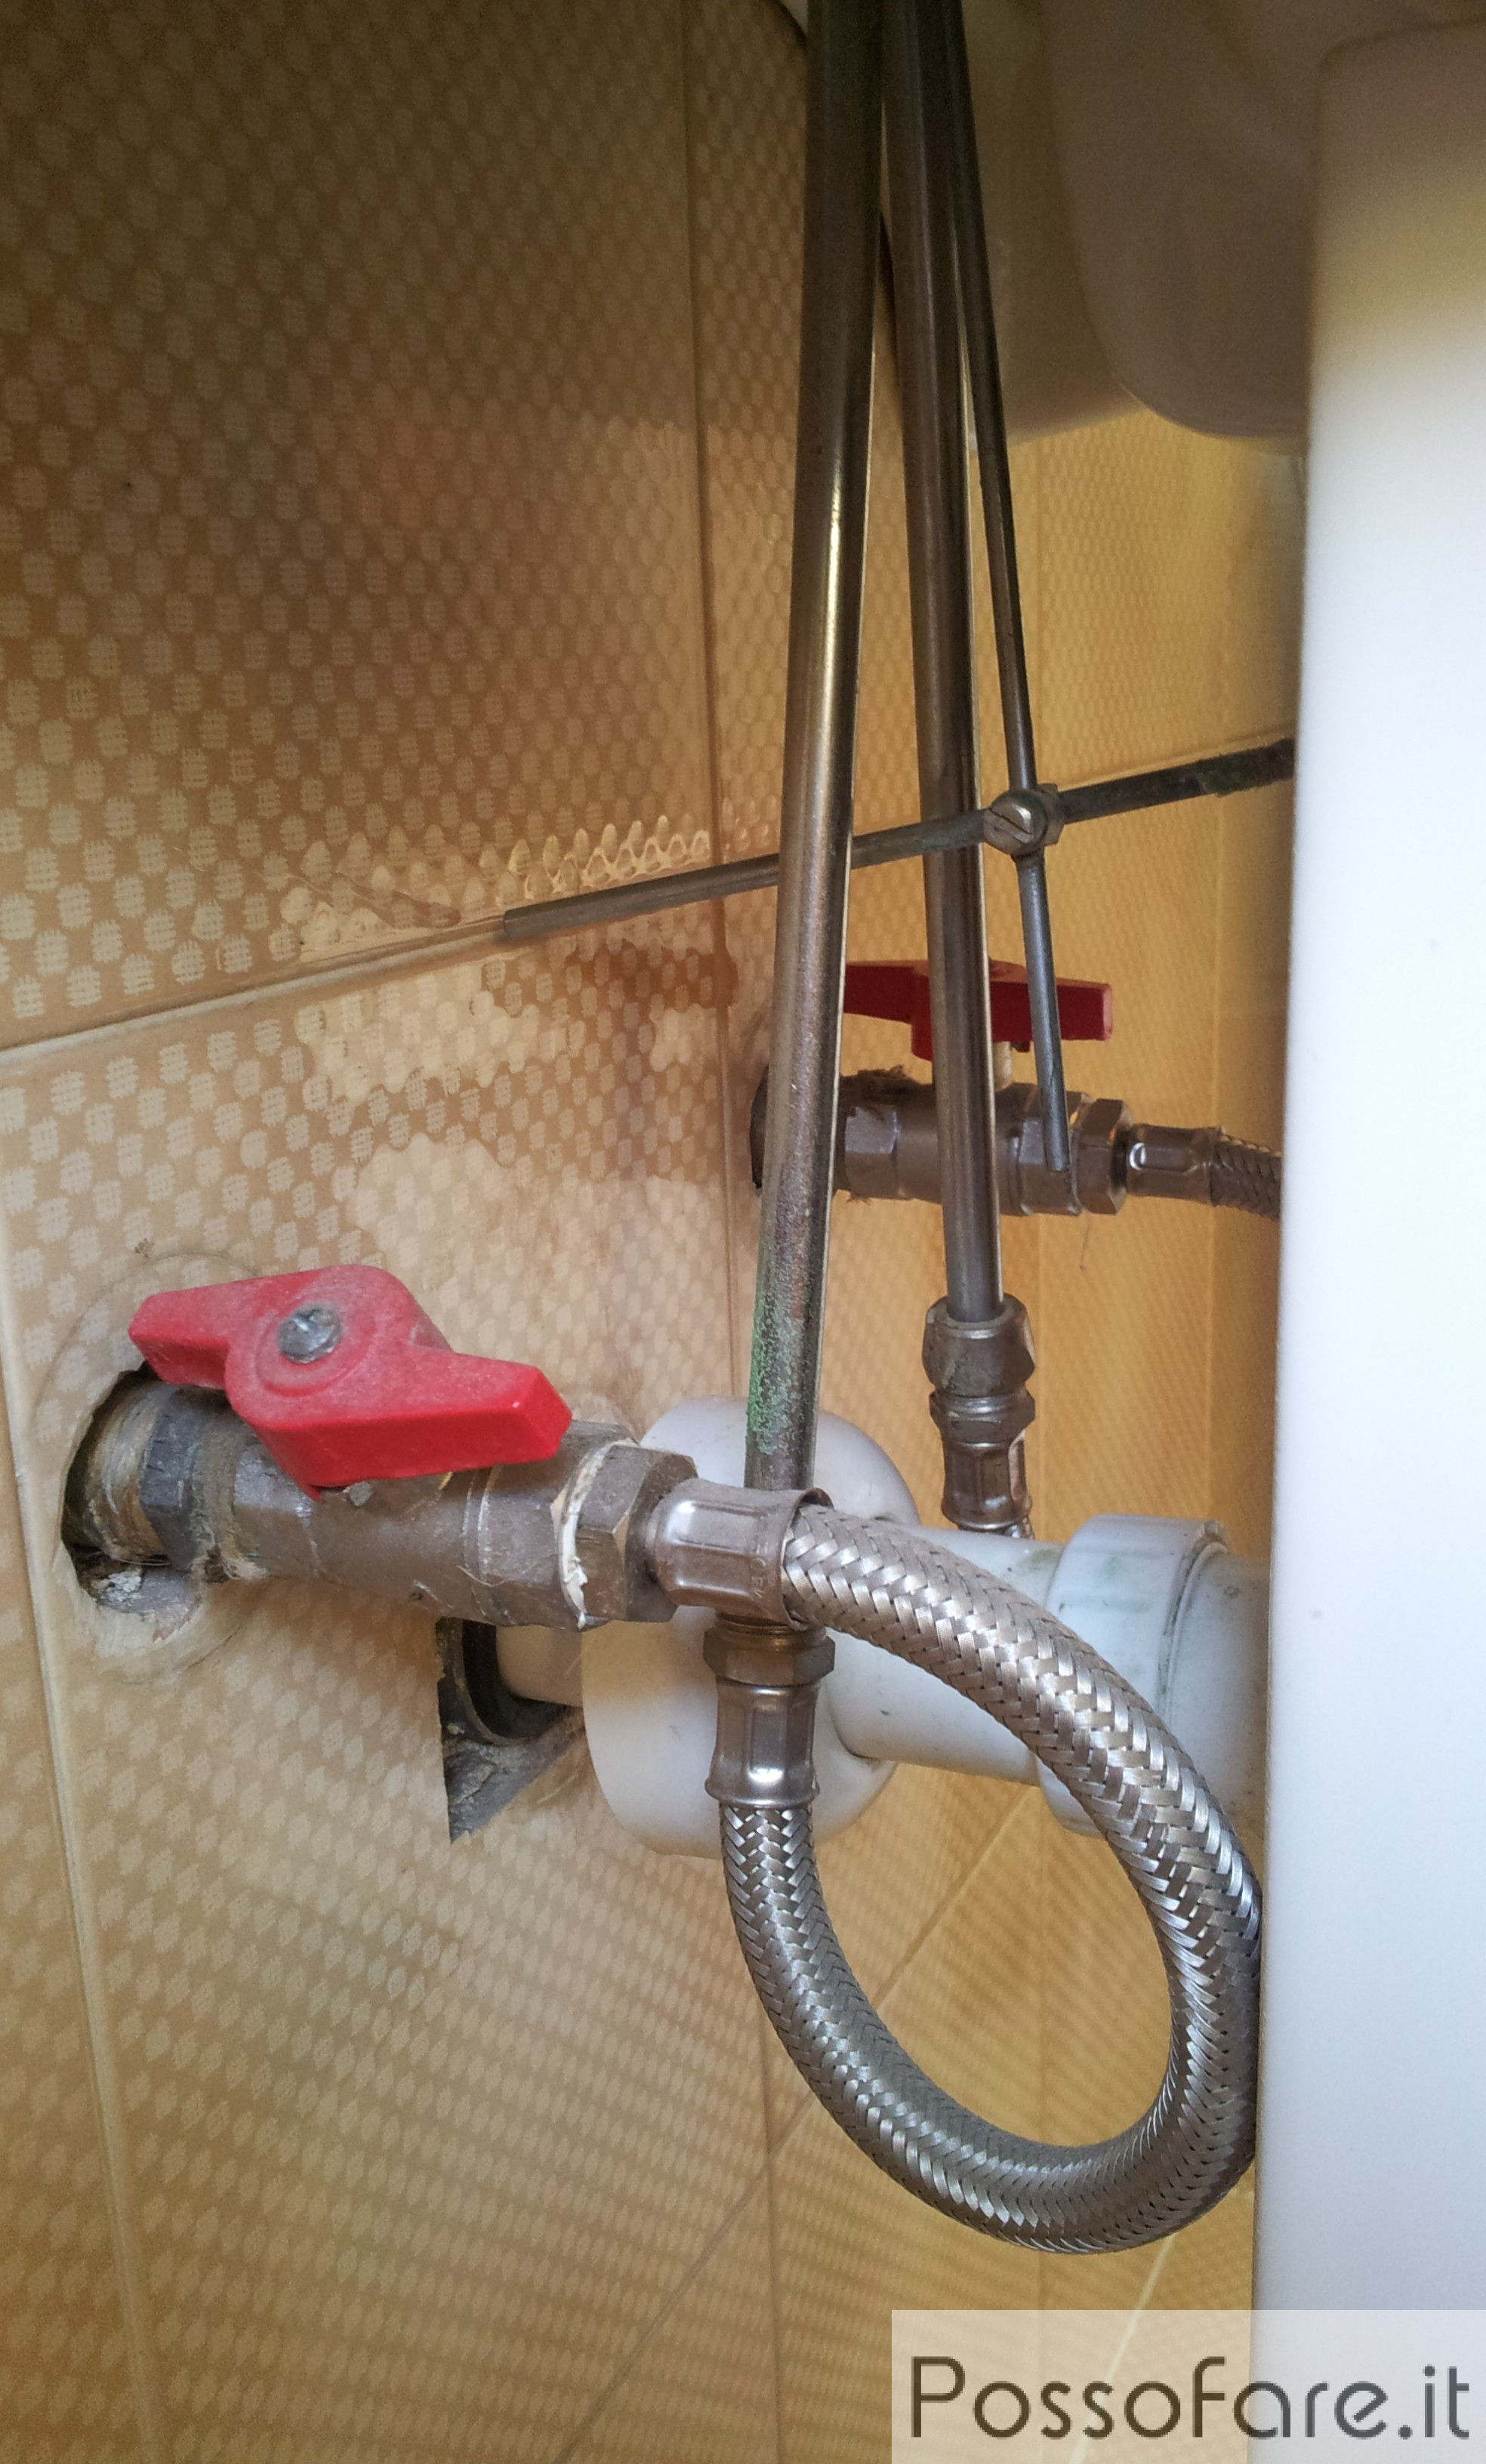 Valvola di chiusura dell 39 acqua cucina e bricolage - Valvola chiusura acqua bagno ...